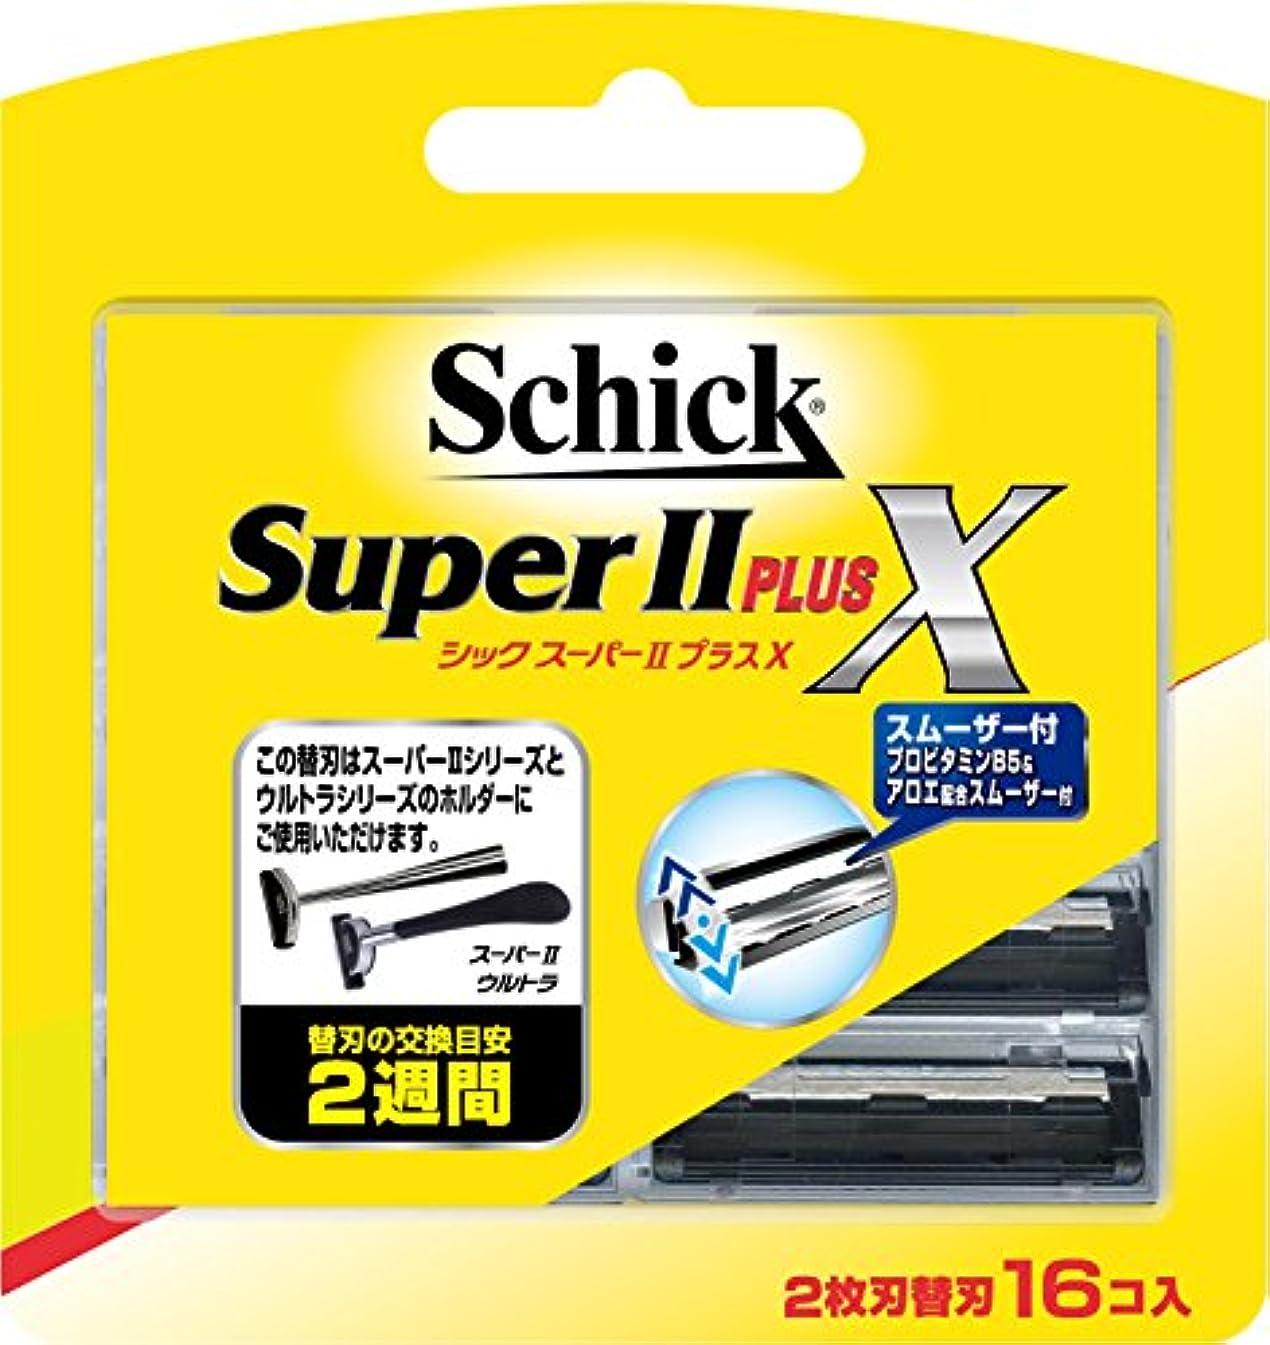 背景航空機周りシック Schick スーパーIIプラスX 2枚刃 替刃 (16コ入)